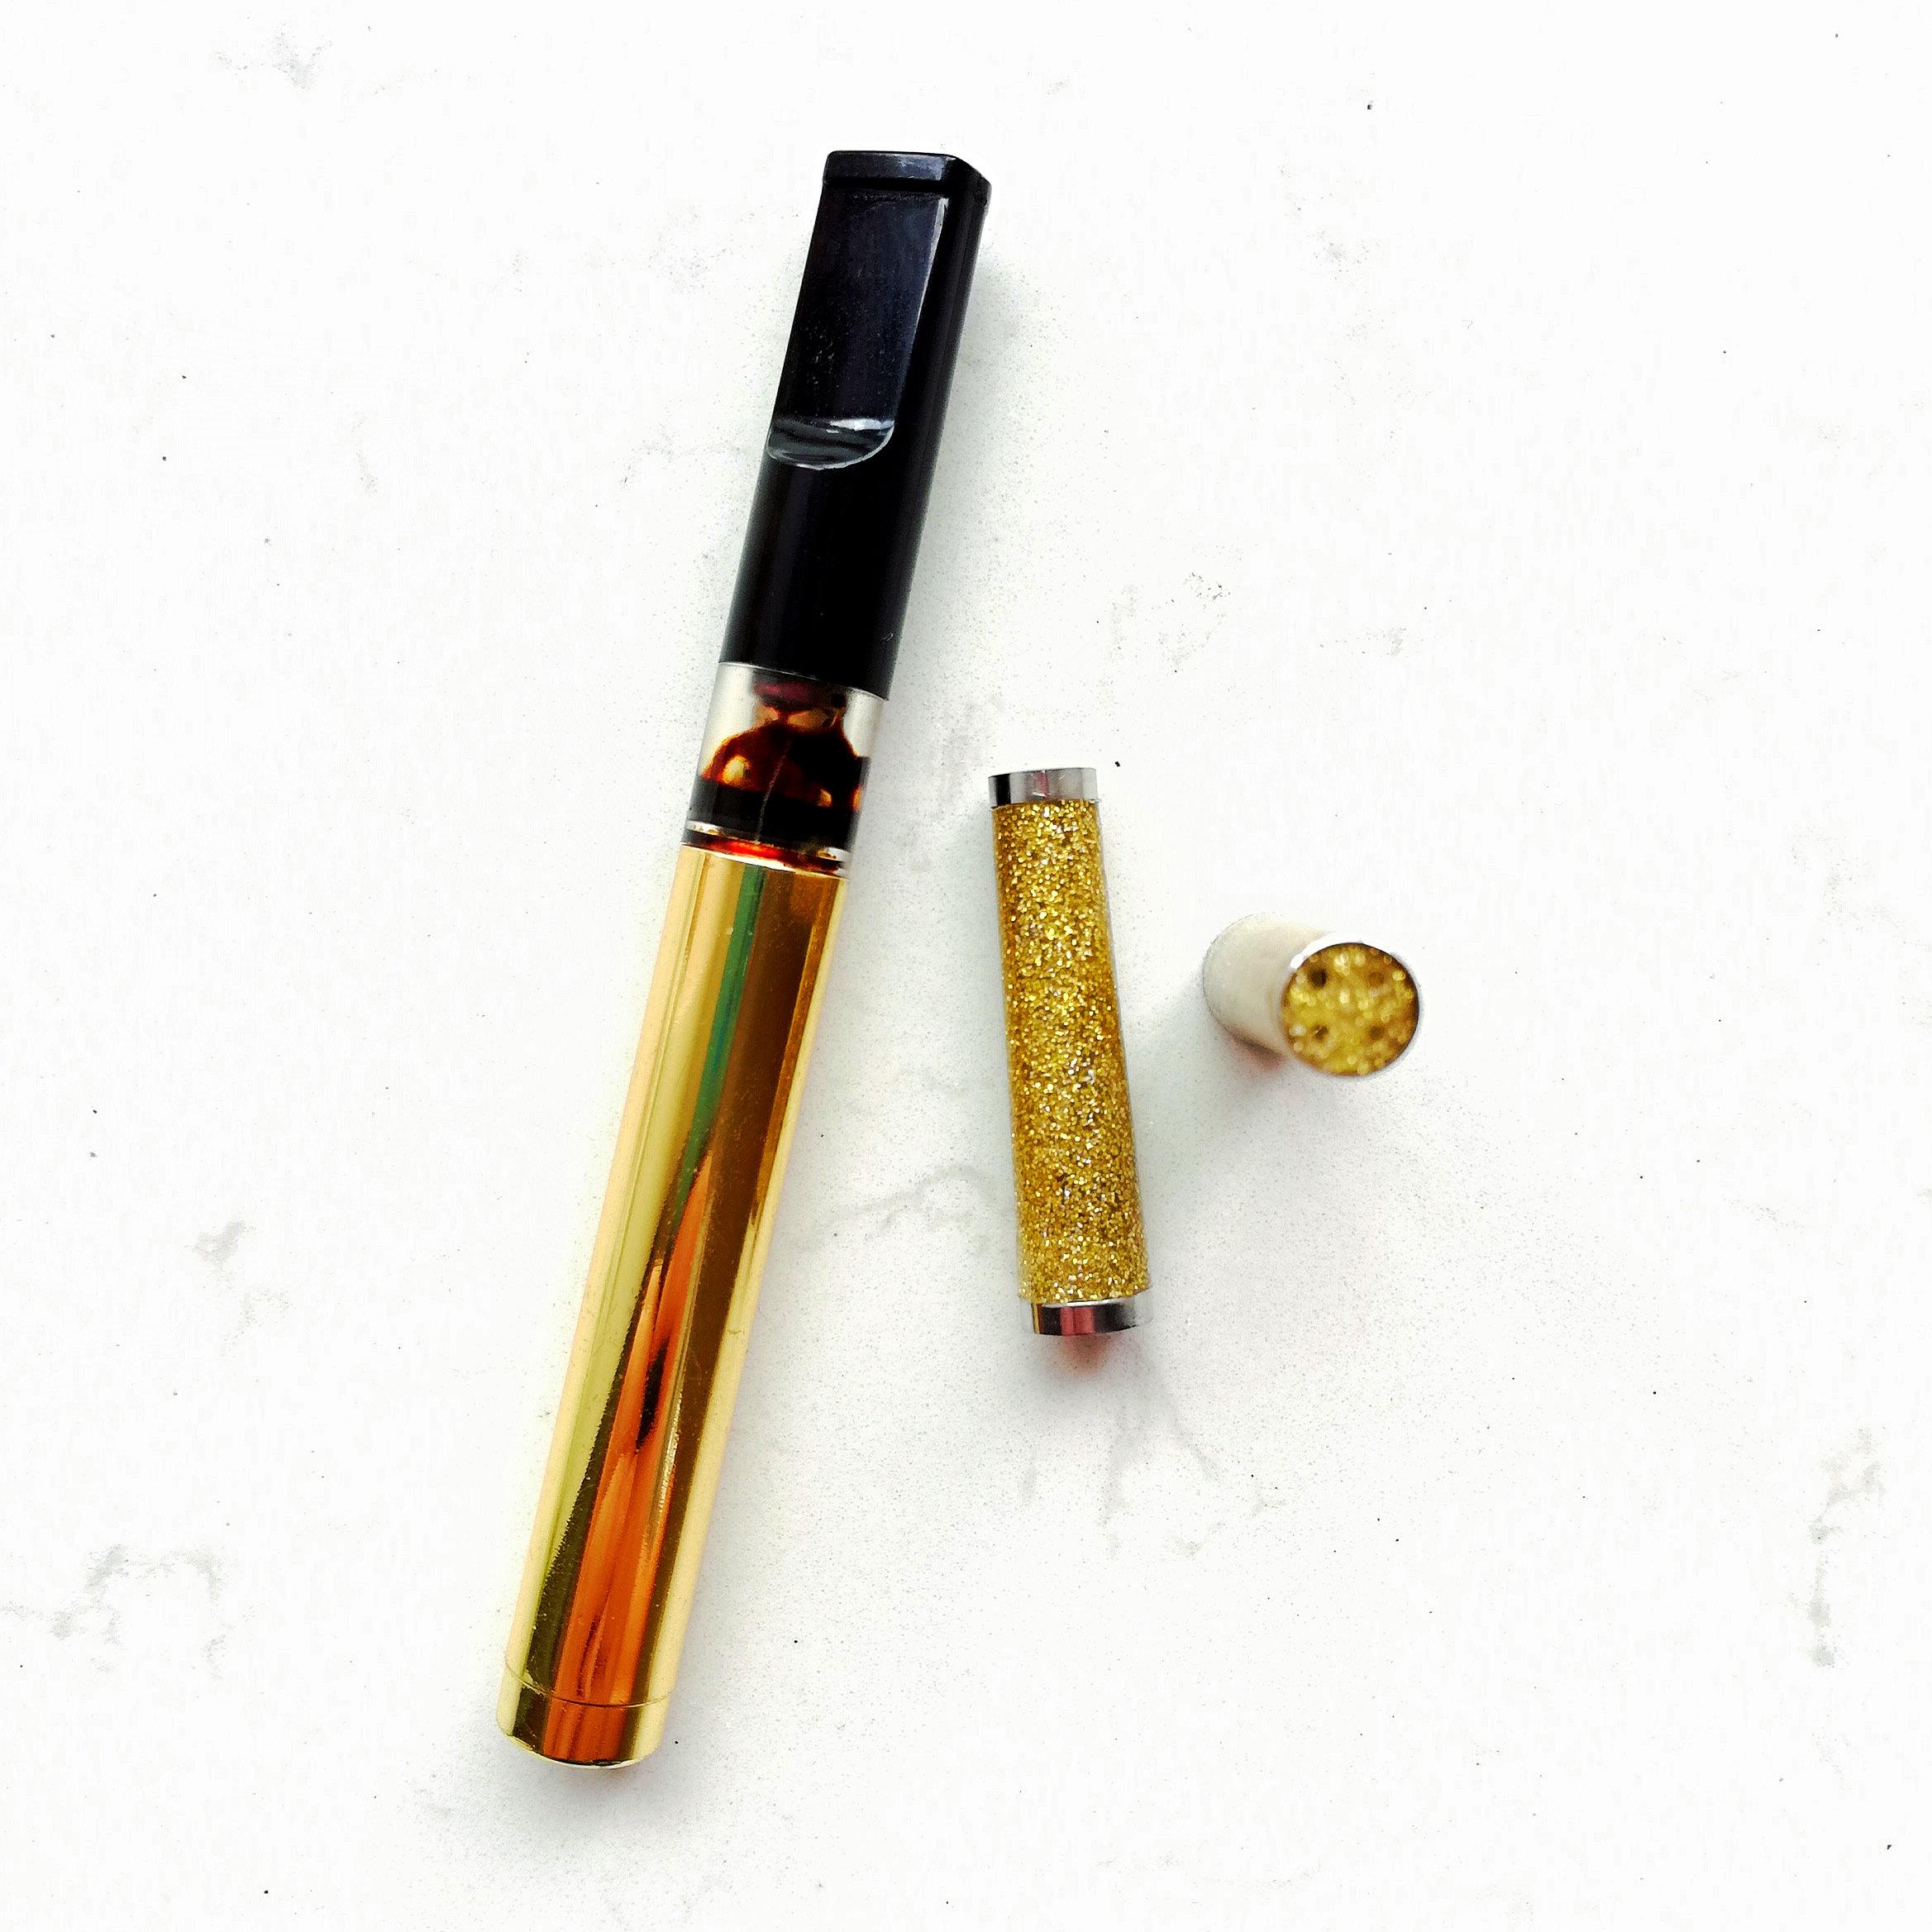 戒烟虫草清烟器 清肺排烟毒 净烟 正品茶多酚净烟器清肺过滤烟嘴